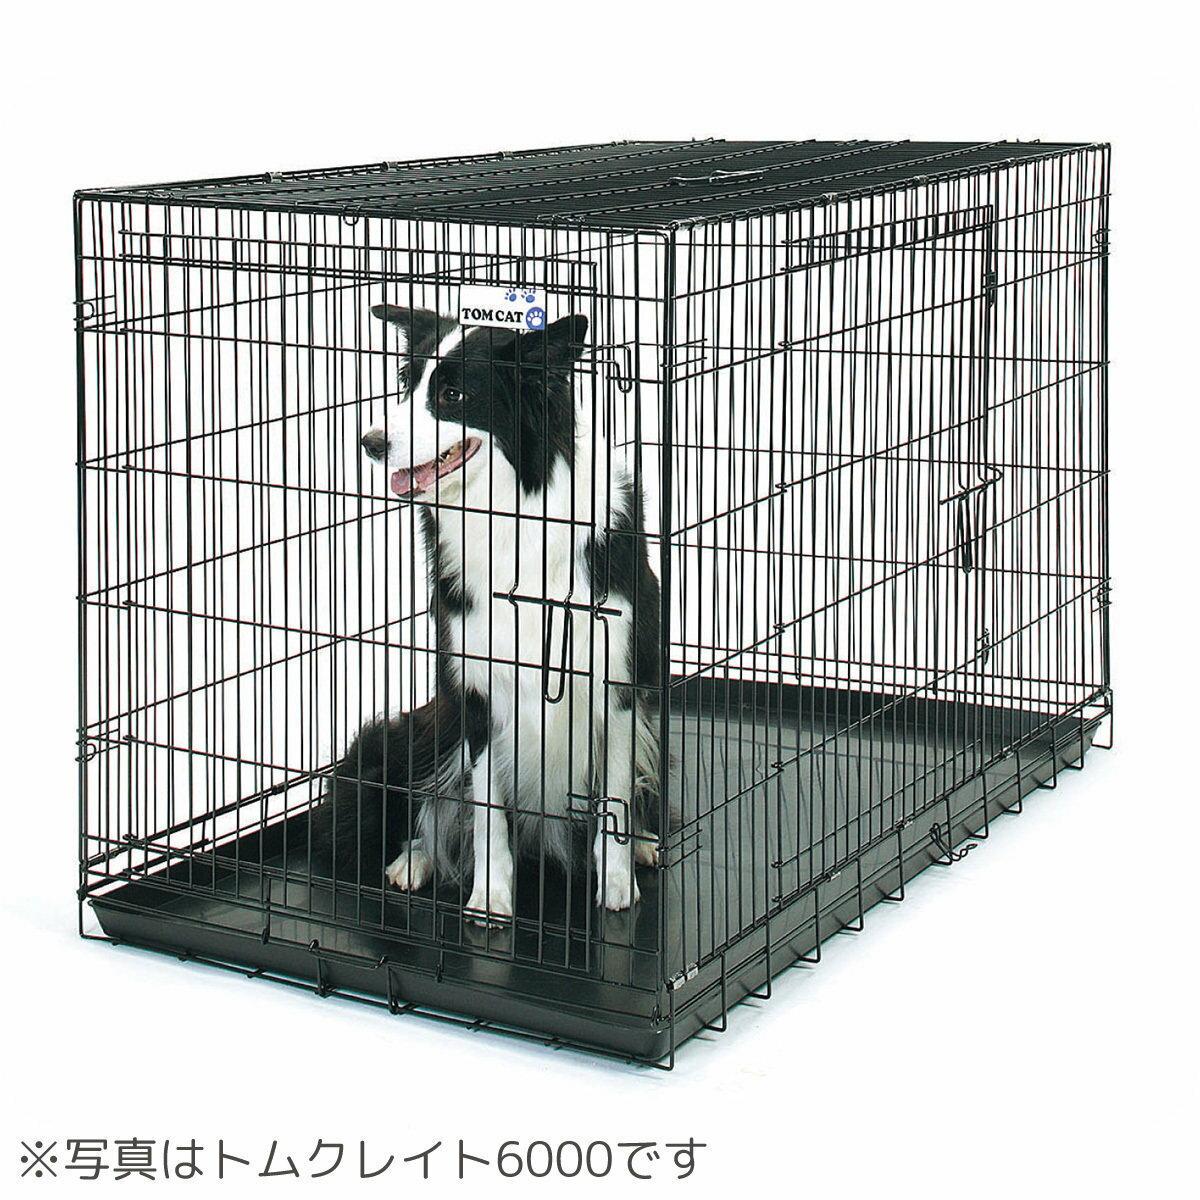 トムクレイト 4000【送料無料】